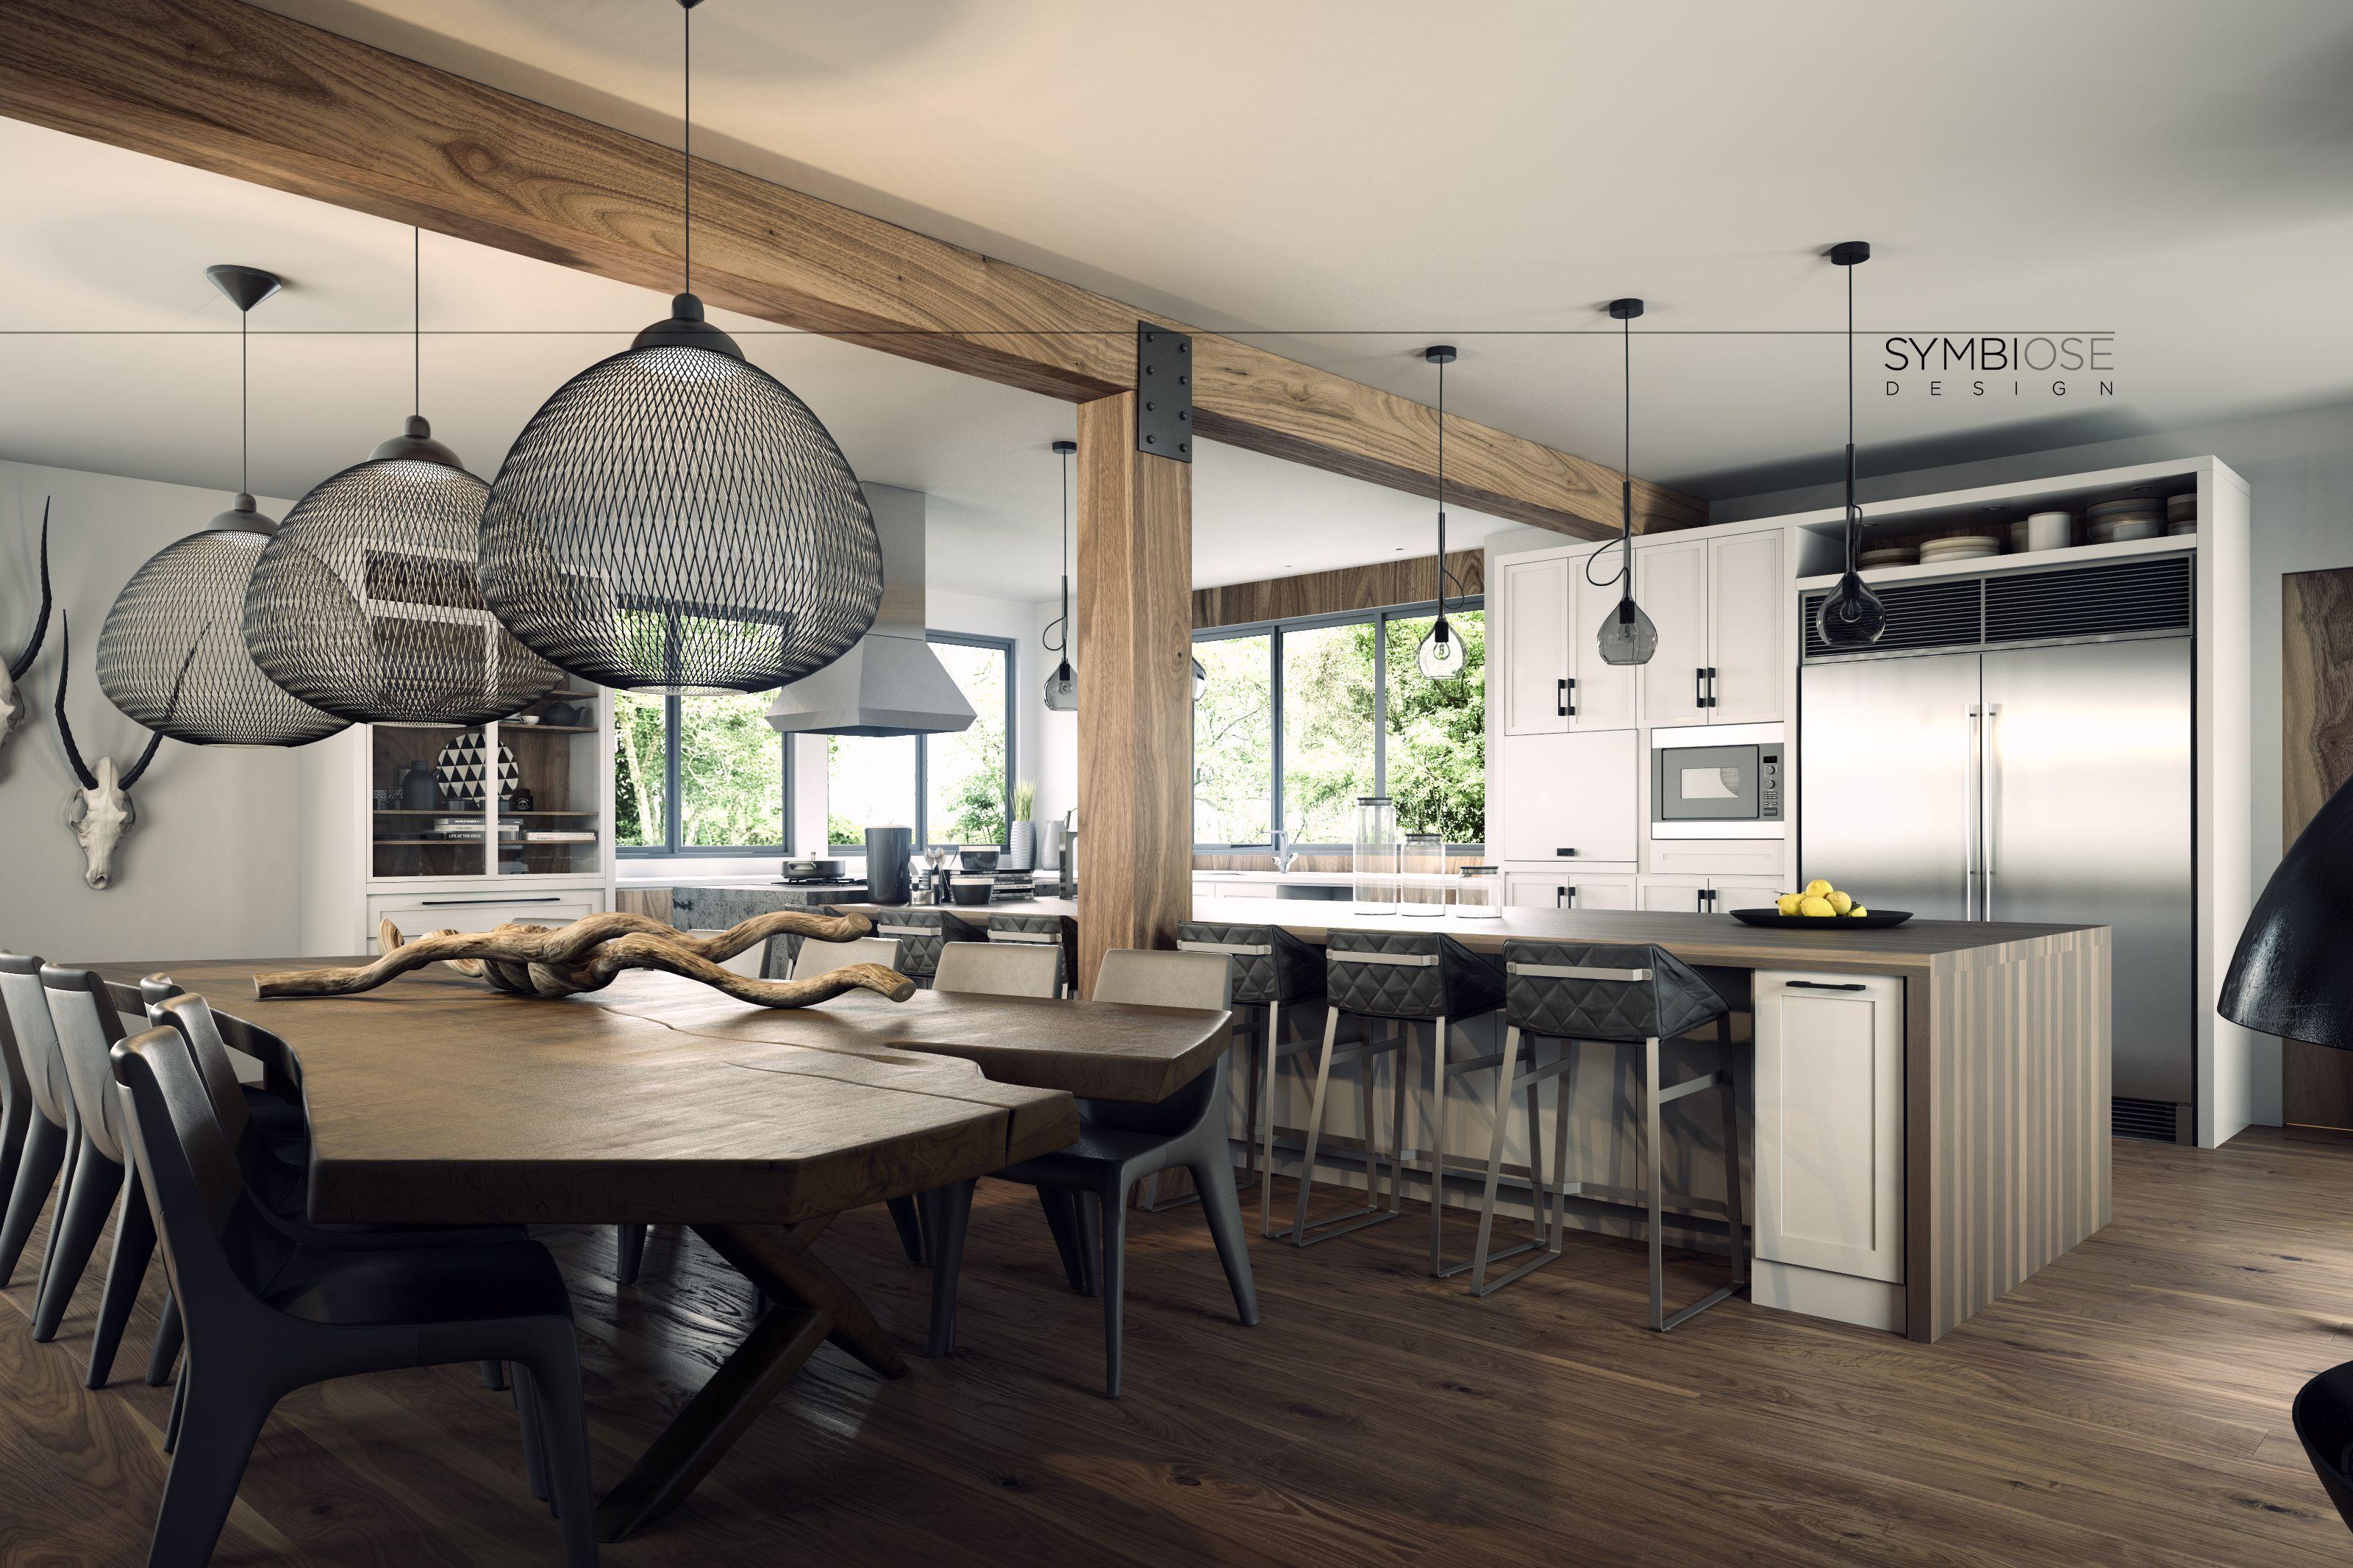 symbiose design design cuisine kitchen concept r alisation design. Black Bedroom Furniture Sets. Home Design Ideas